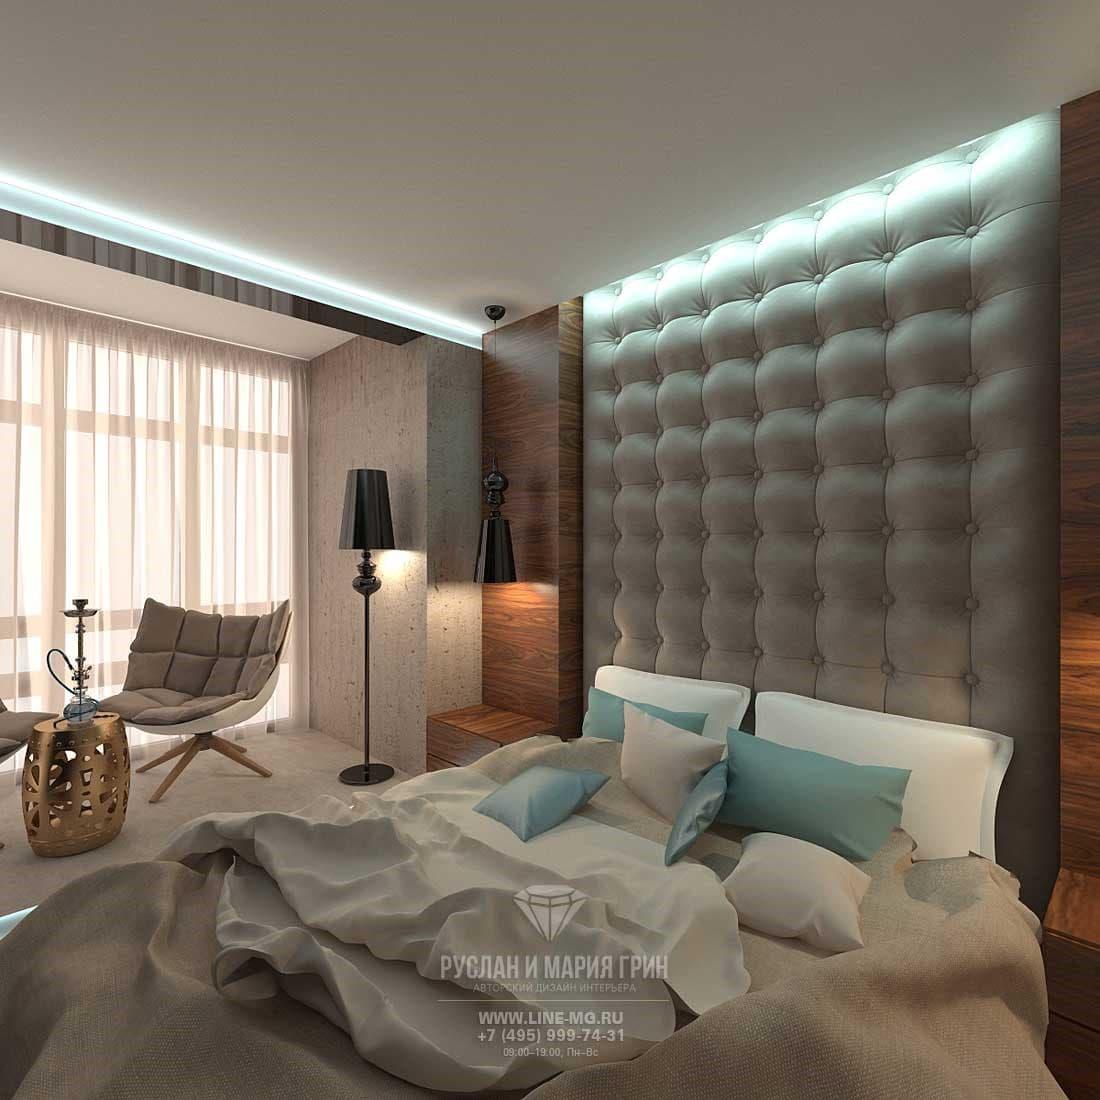 Интерьер спальни от студии Руслана и Марии Грин